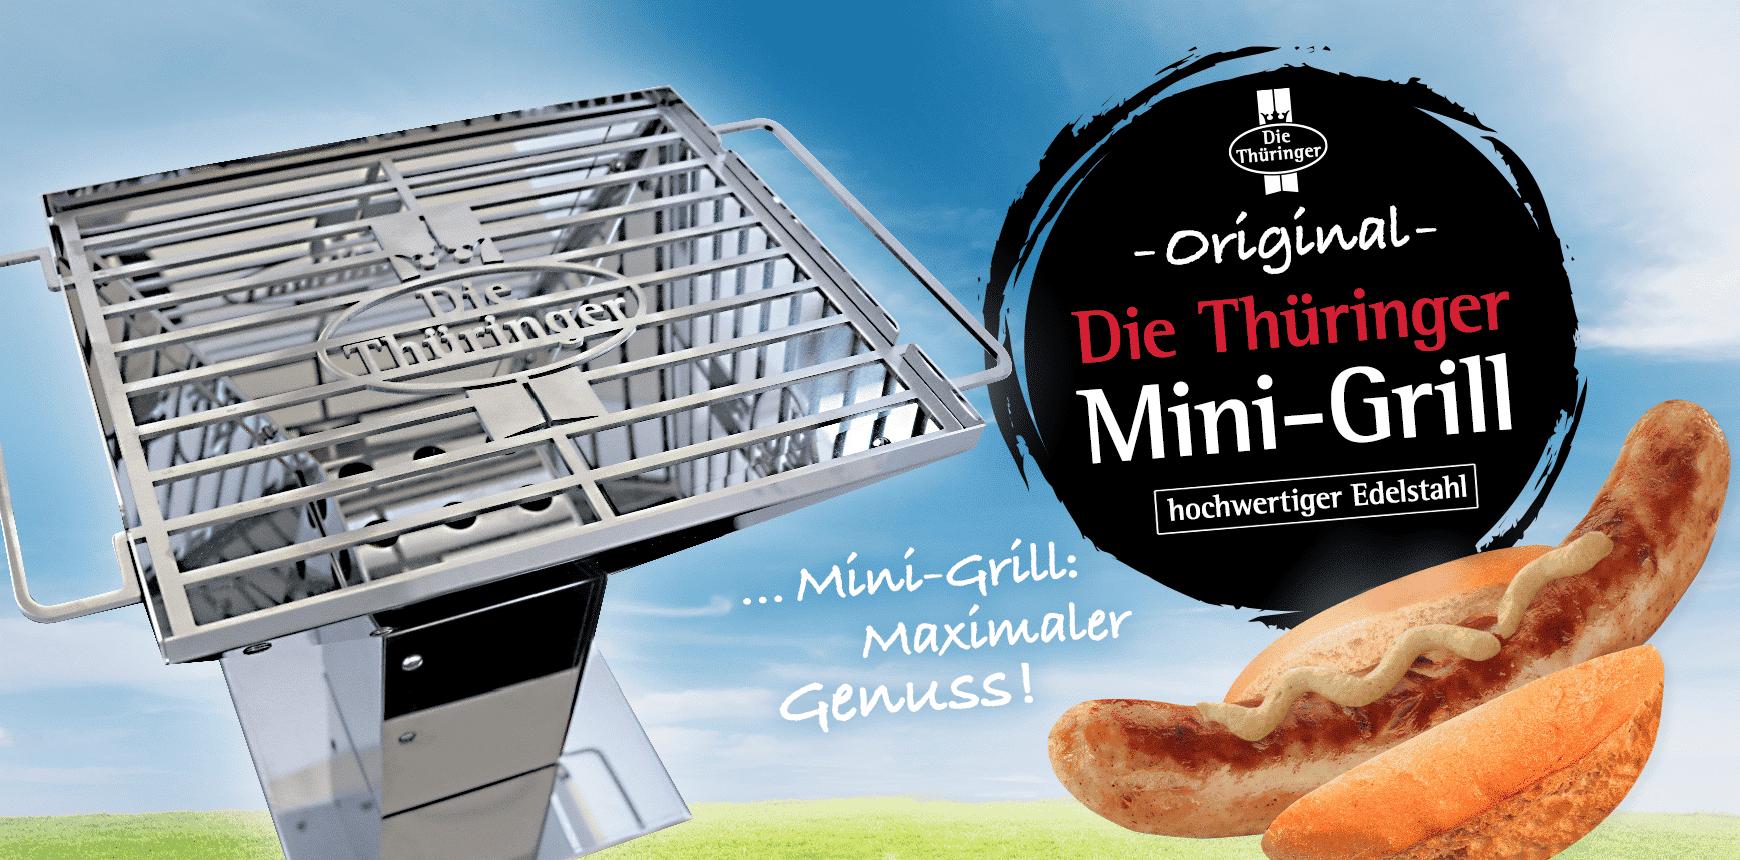 Mini-Grill 1